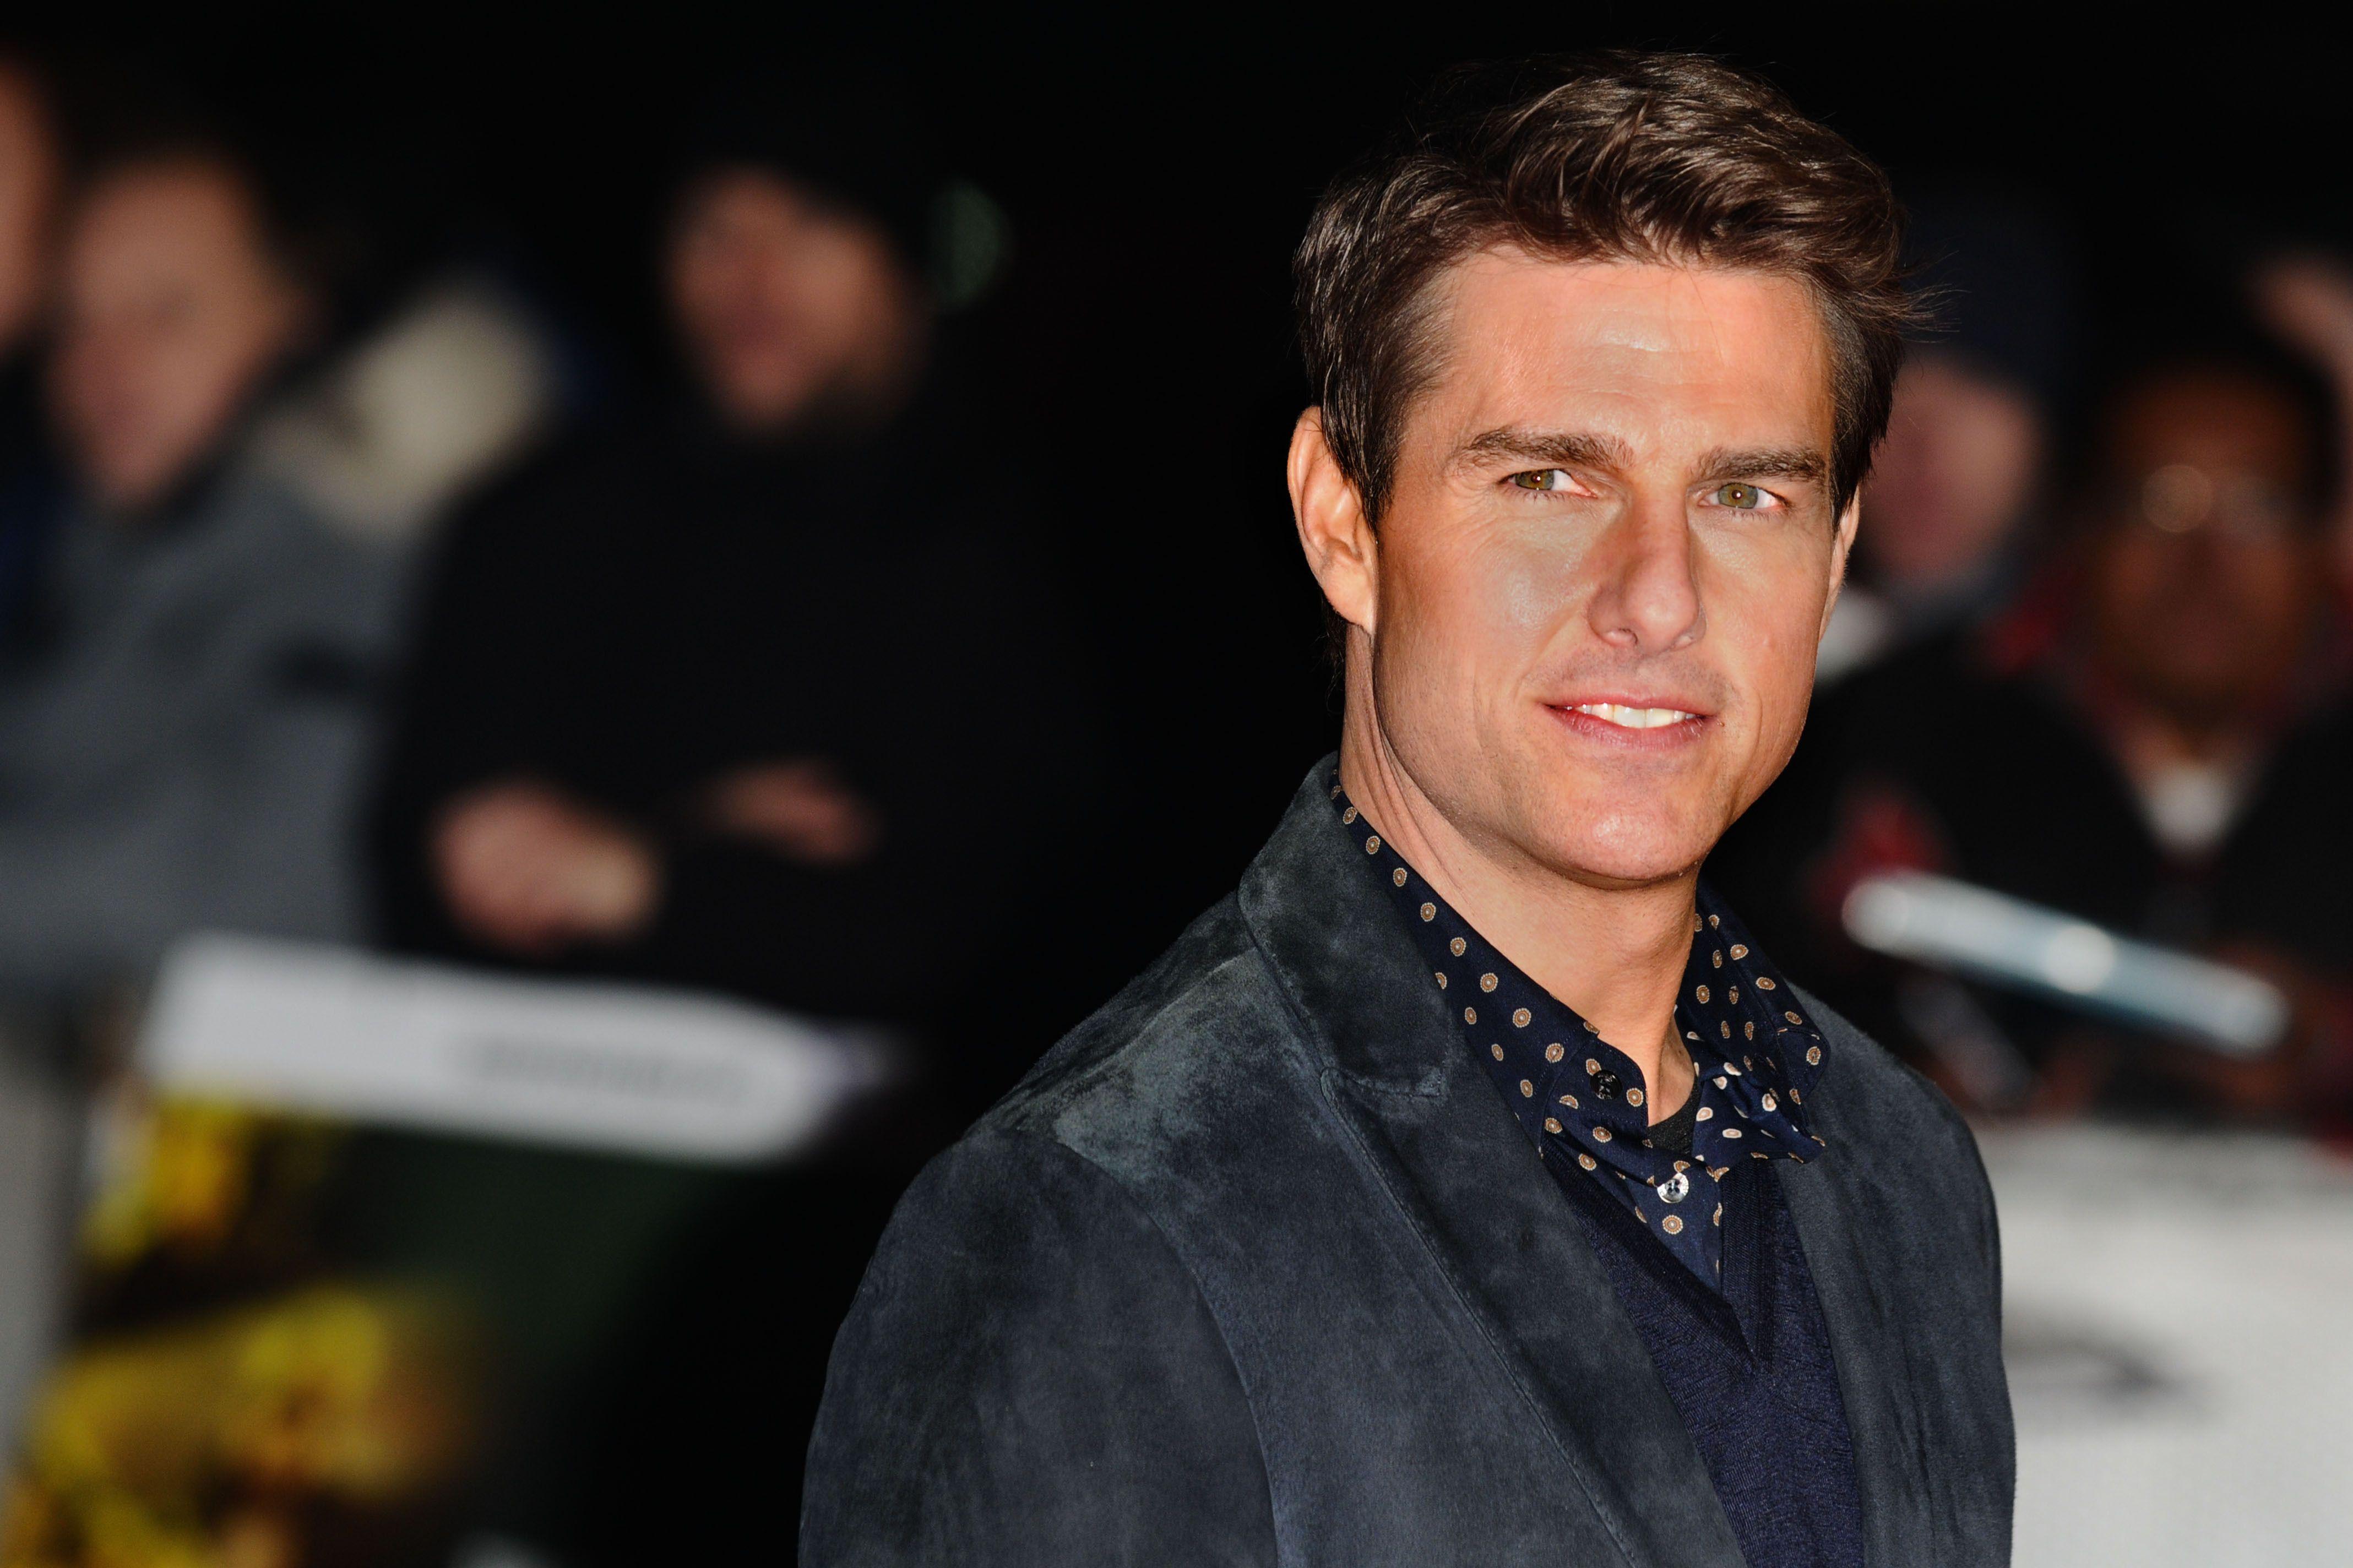 """Tom Cruise fait appel à des robots genre """"Terminator"""" pour renforcer la sécurité sur son tournage"""